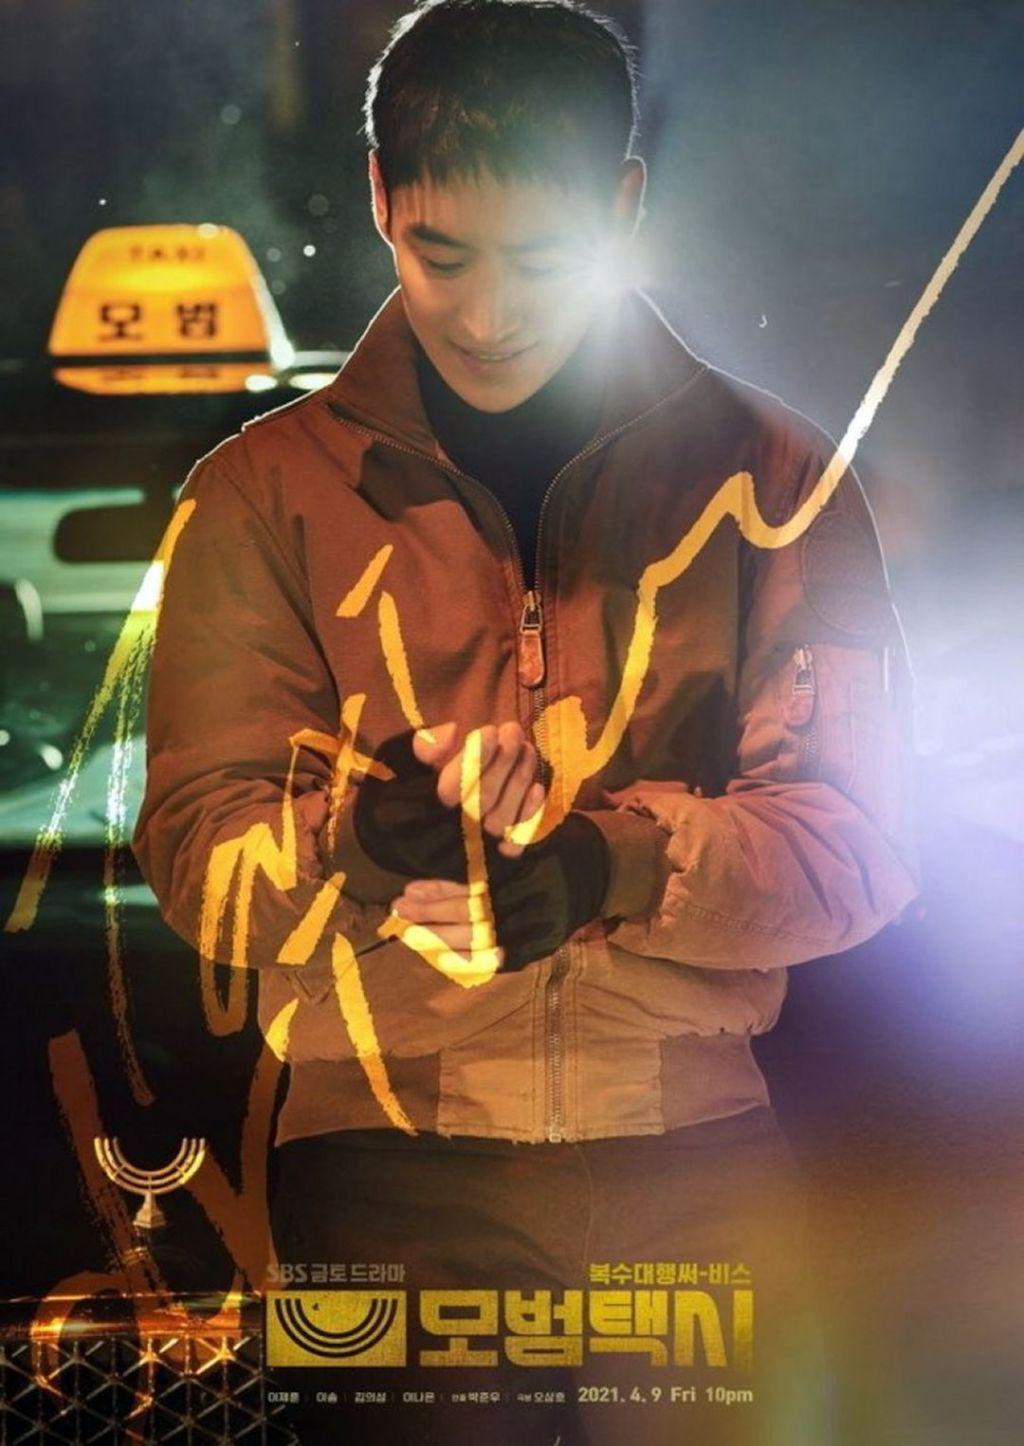 Sinopsis Dan Profil Lengkap Pemeran K-Drama Upcoming Taxi Driver (2021) Yang Akan Segera Tayang di SBS